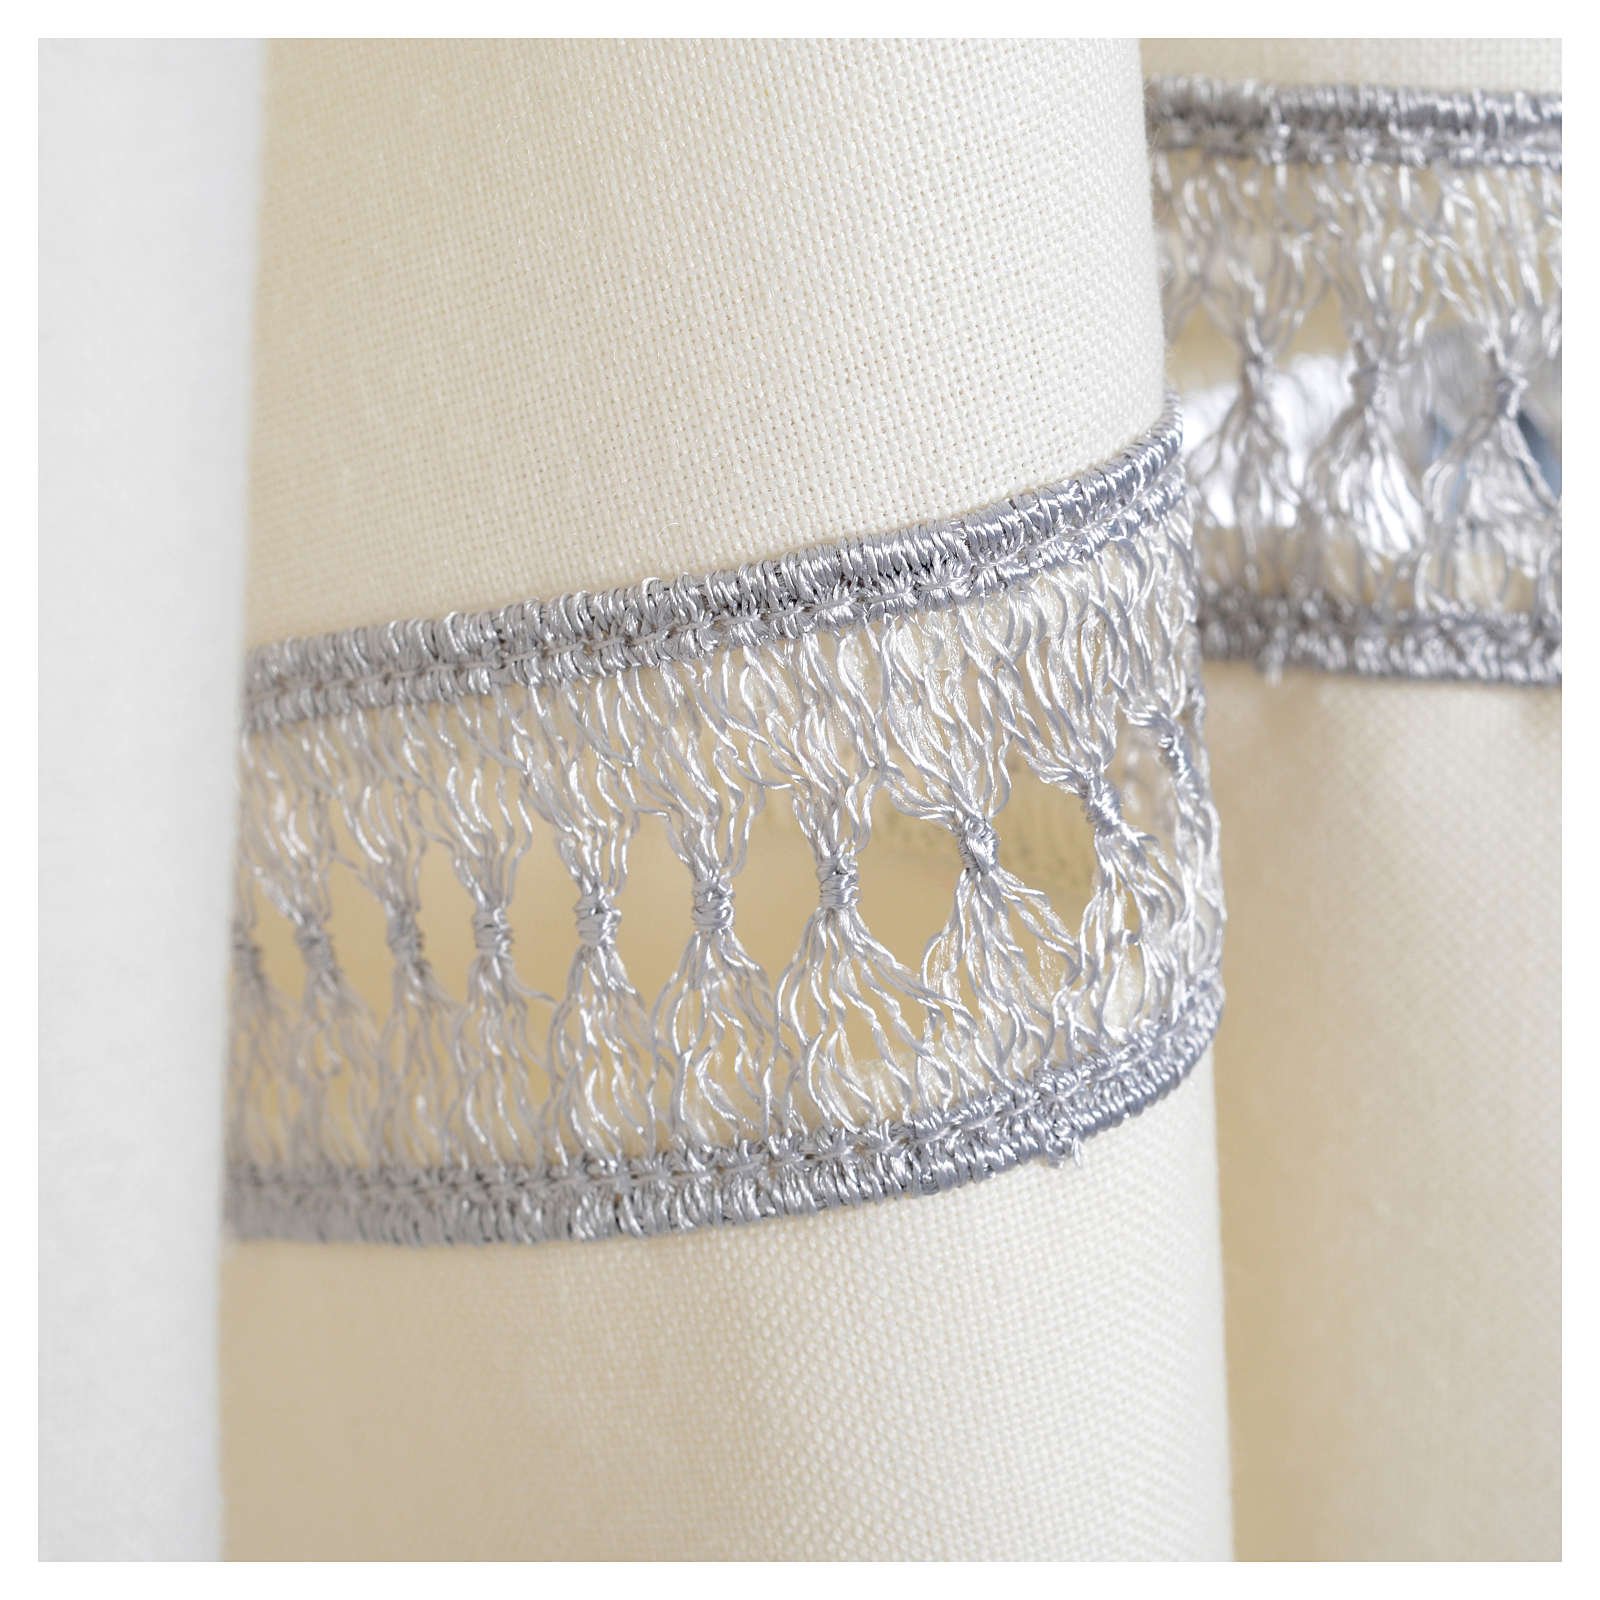 Camice avorio 55% poliestere 45% lana gigliuccio cerniera spalla 4